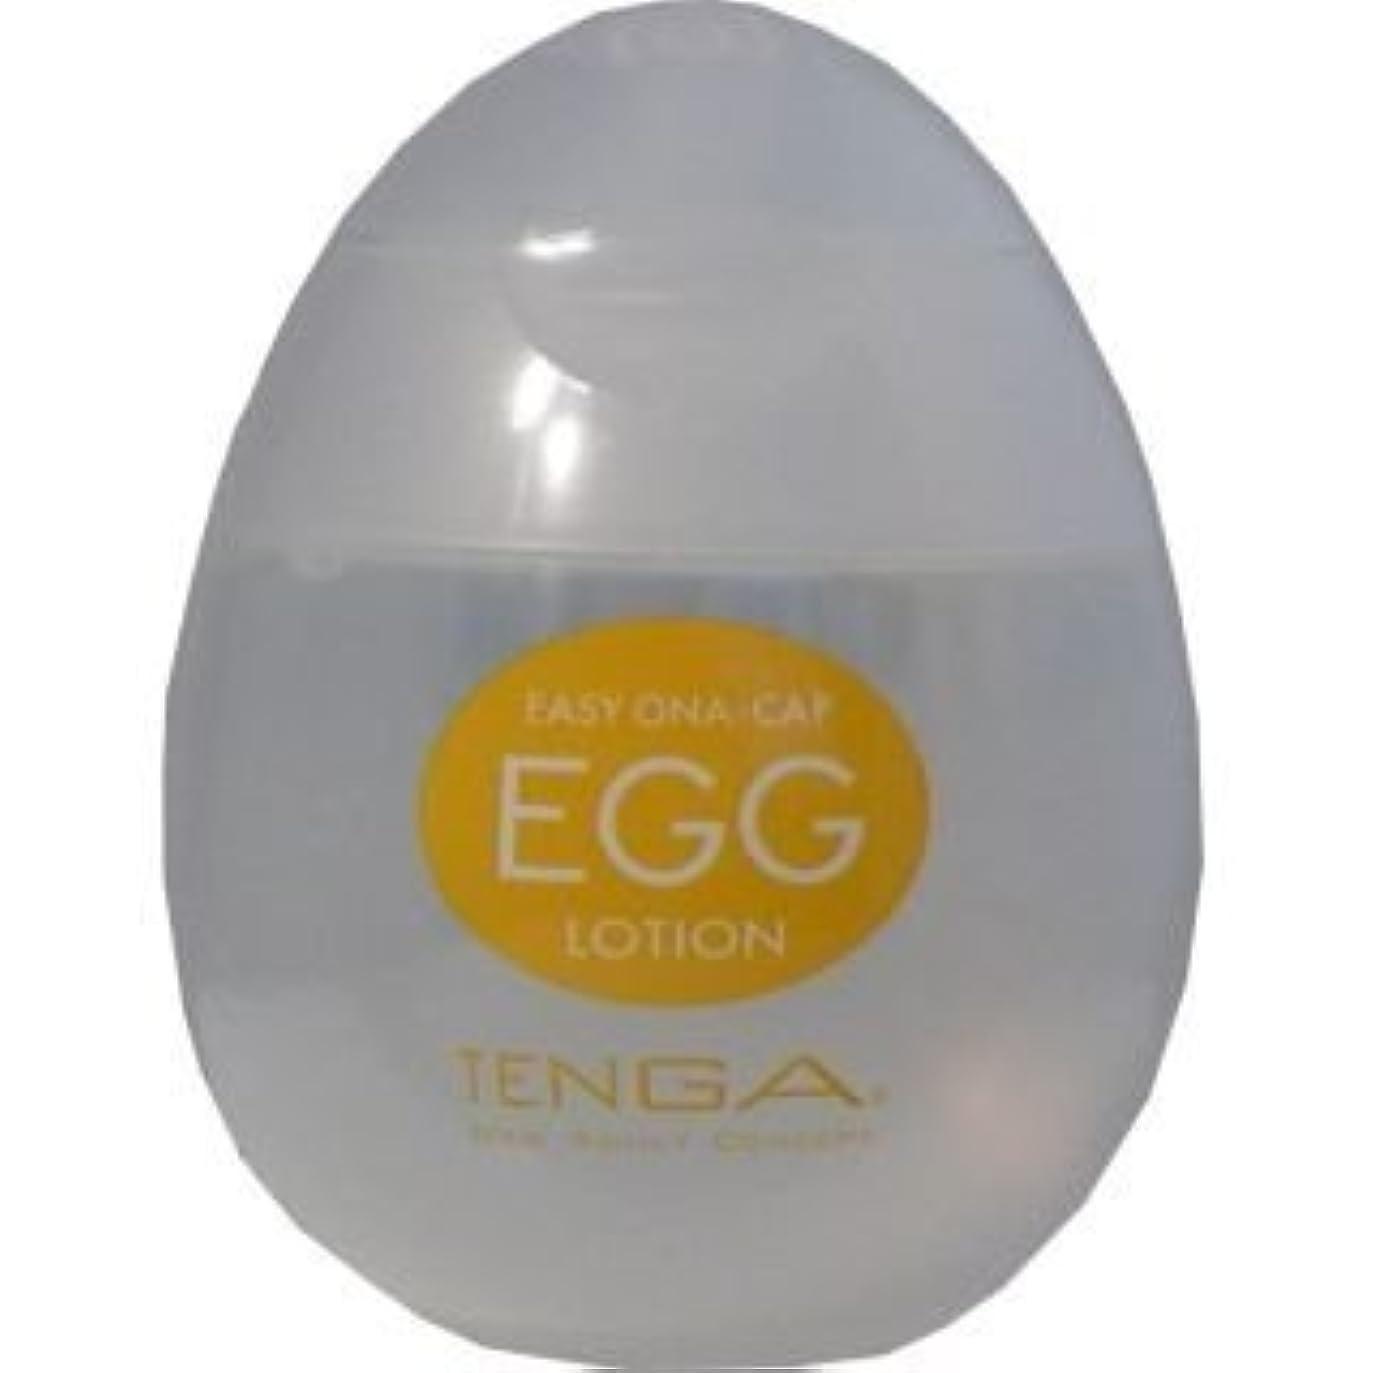 セブンステップ爆風保湿成分配合で潤い長持ち!TENGA(テンガ) EGG LOTION(エッグローション) EGGL-001【2個セット】